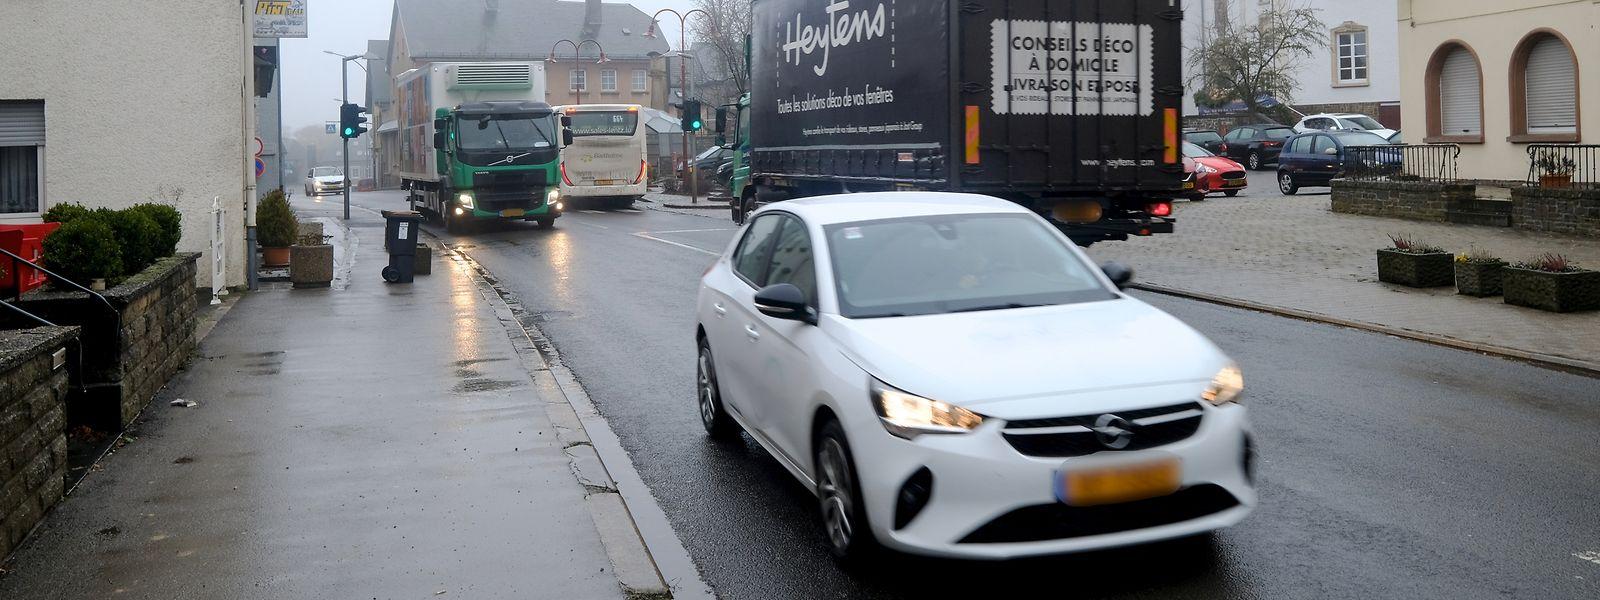 Angesichts des täglichen Verkehrsaufkommens auf der N7, und mit Blick auf die Lebensqualität der Anwohner, führt an einer Ortsumgehung für Hosingen eigentlich kein Weg vorbei.